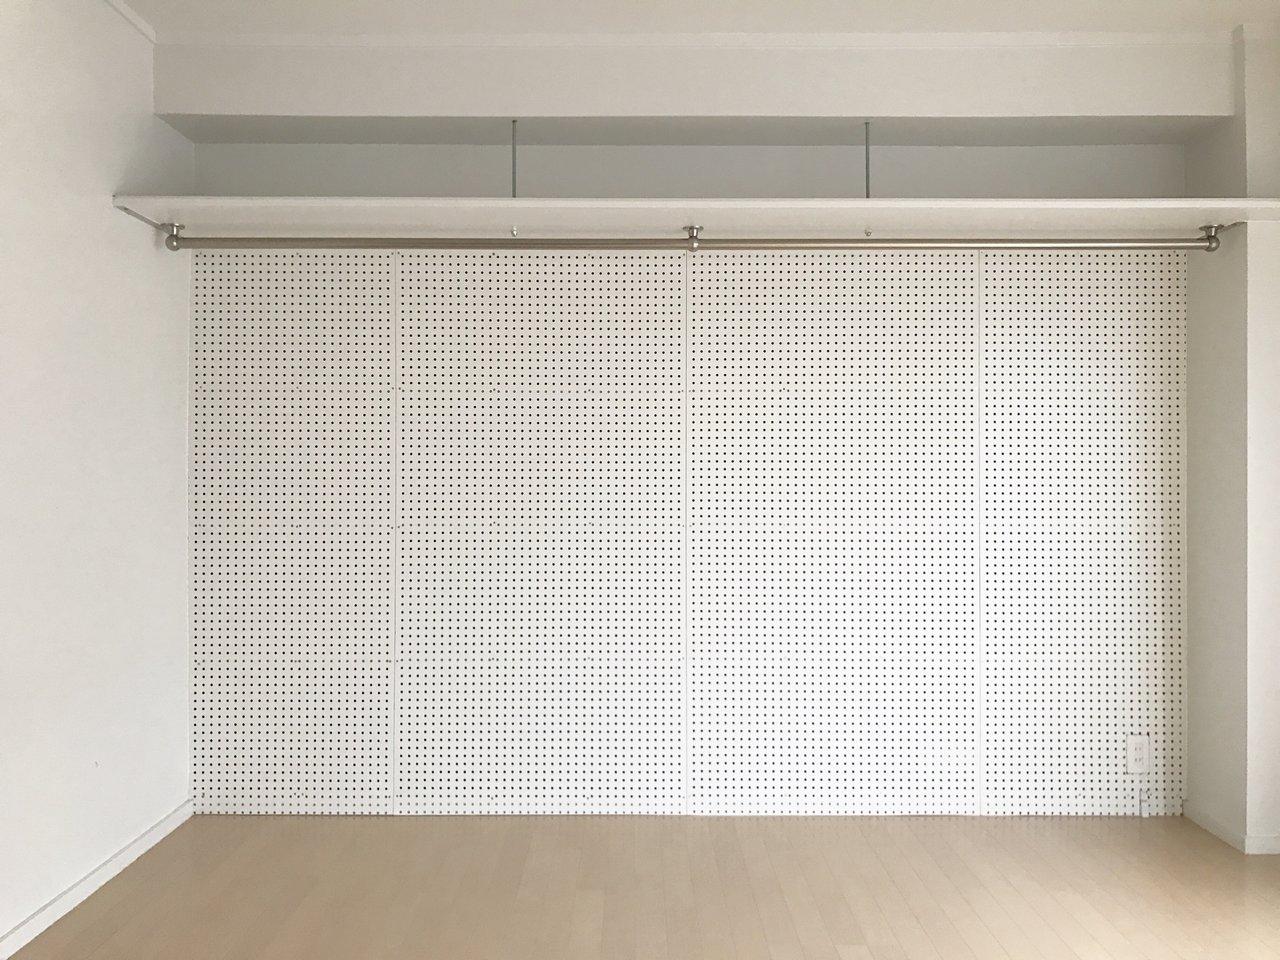 こちらはシンプルに、1面の壁が真っ白の有孔ボード!というお部屋です。そう、こういうシンプルでミニマム、でも便利な内装。ポテンシャル高く使いやすいんですよね。